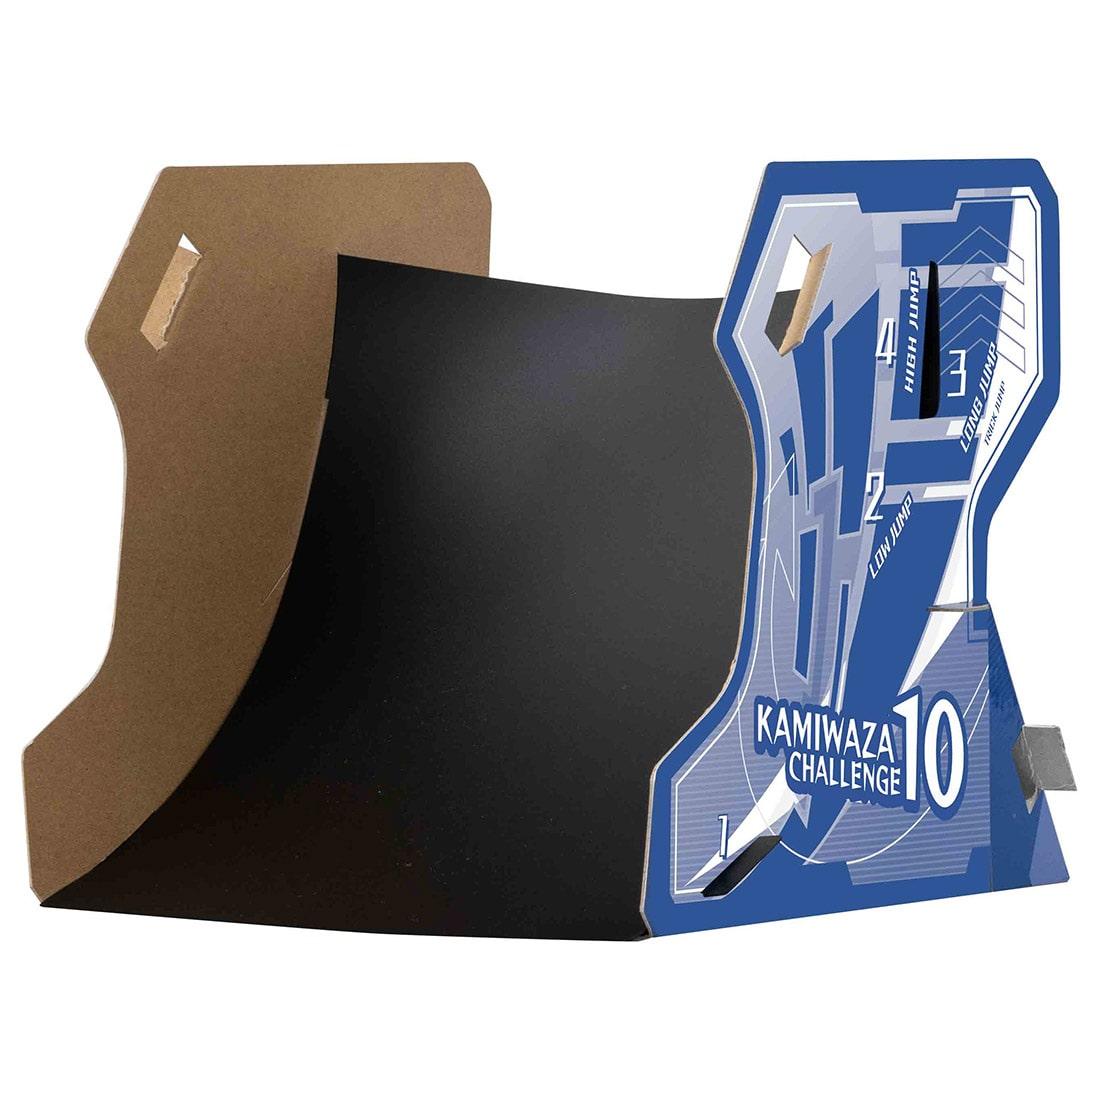 キャップ革命 ボトルマン『BOT-15 神ワザチャレンジ10 スマッシュセット』おもちゃ-012